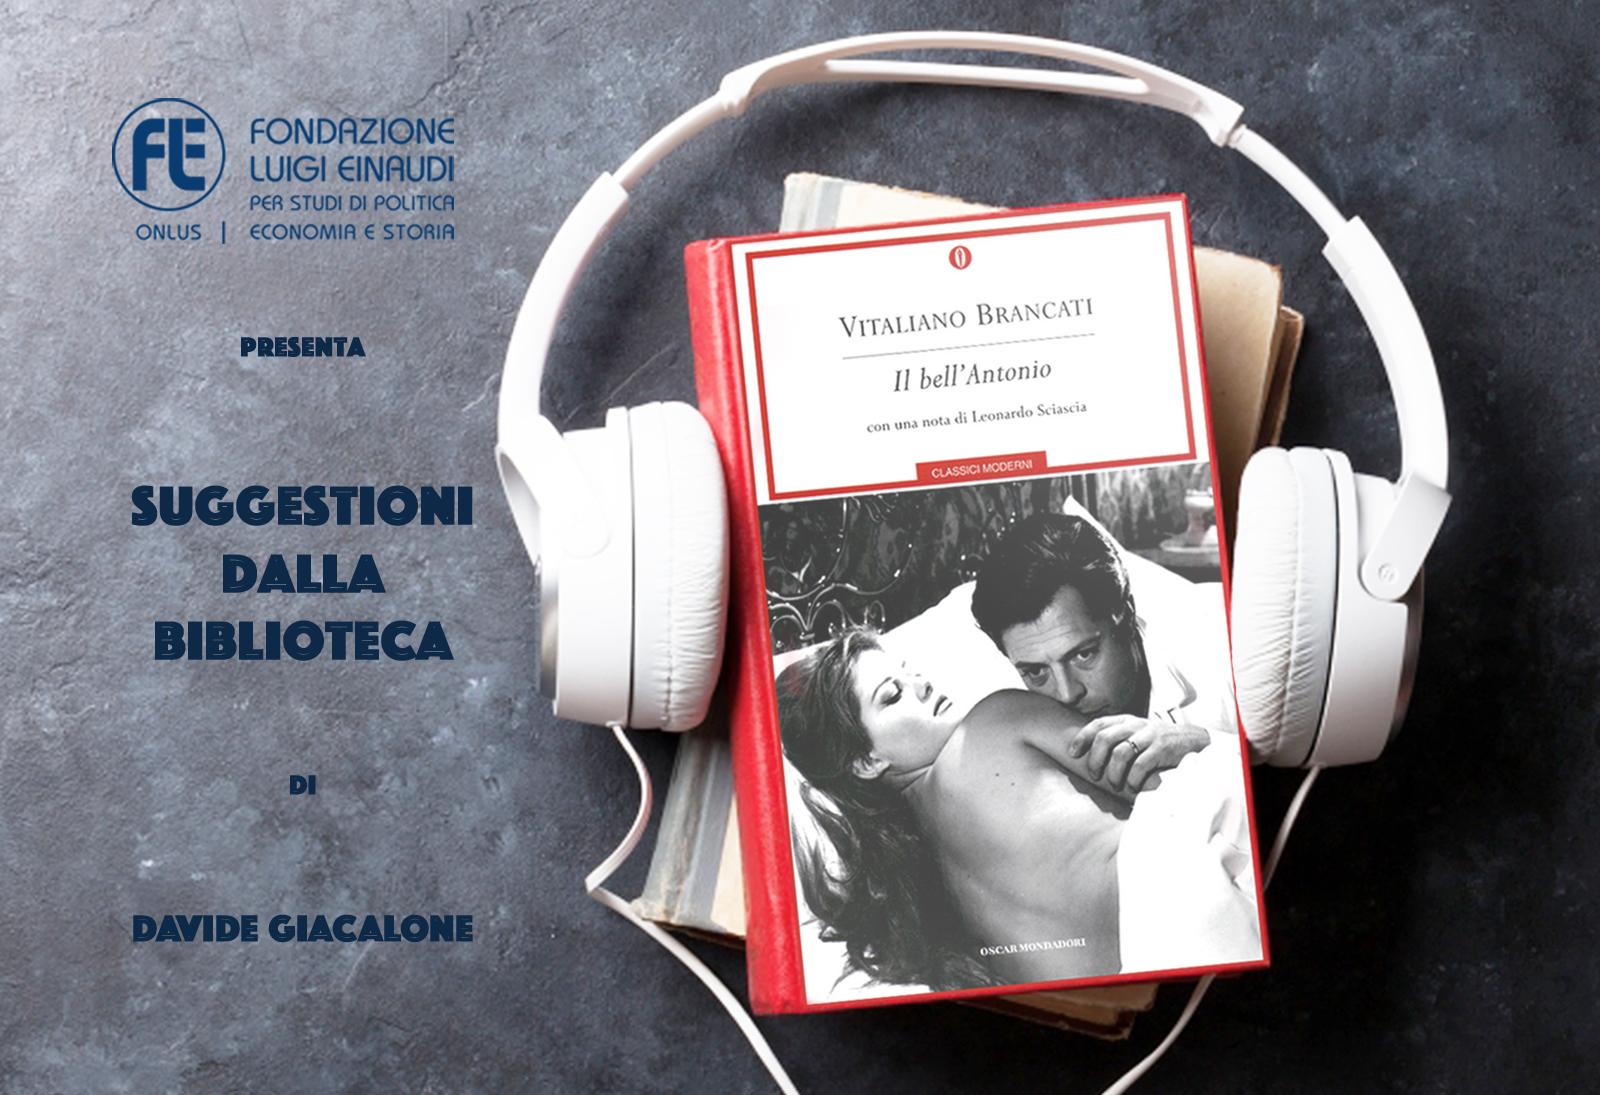 Vitaliano Brancati – Il bell'Antonio